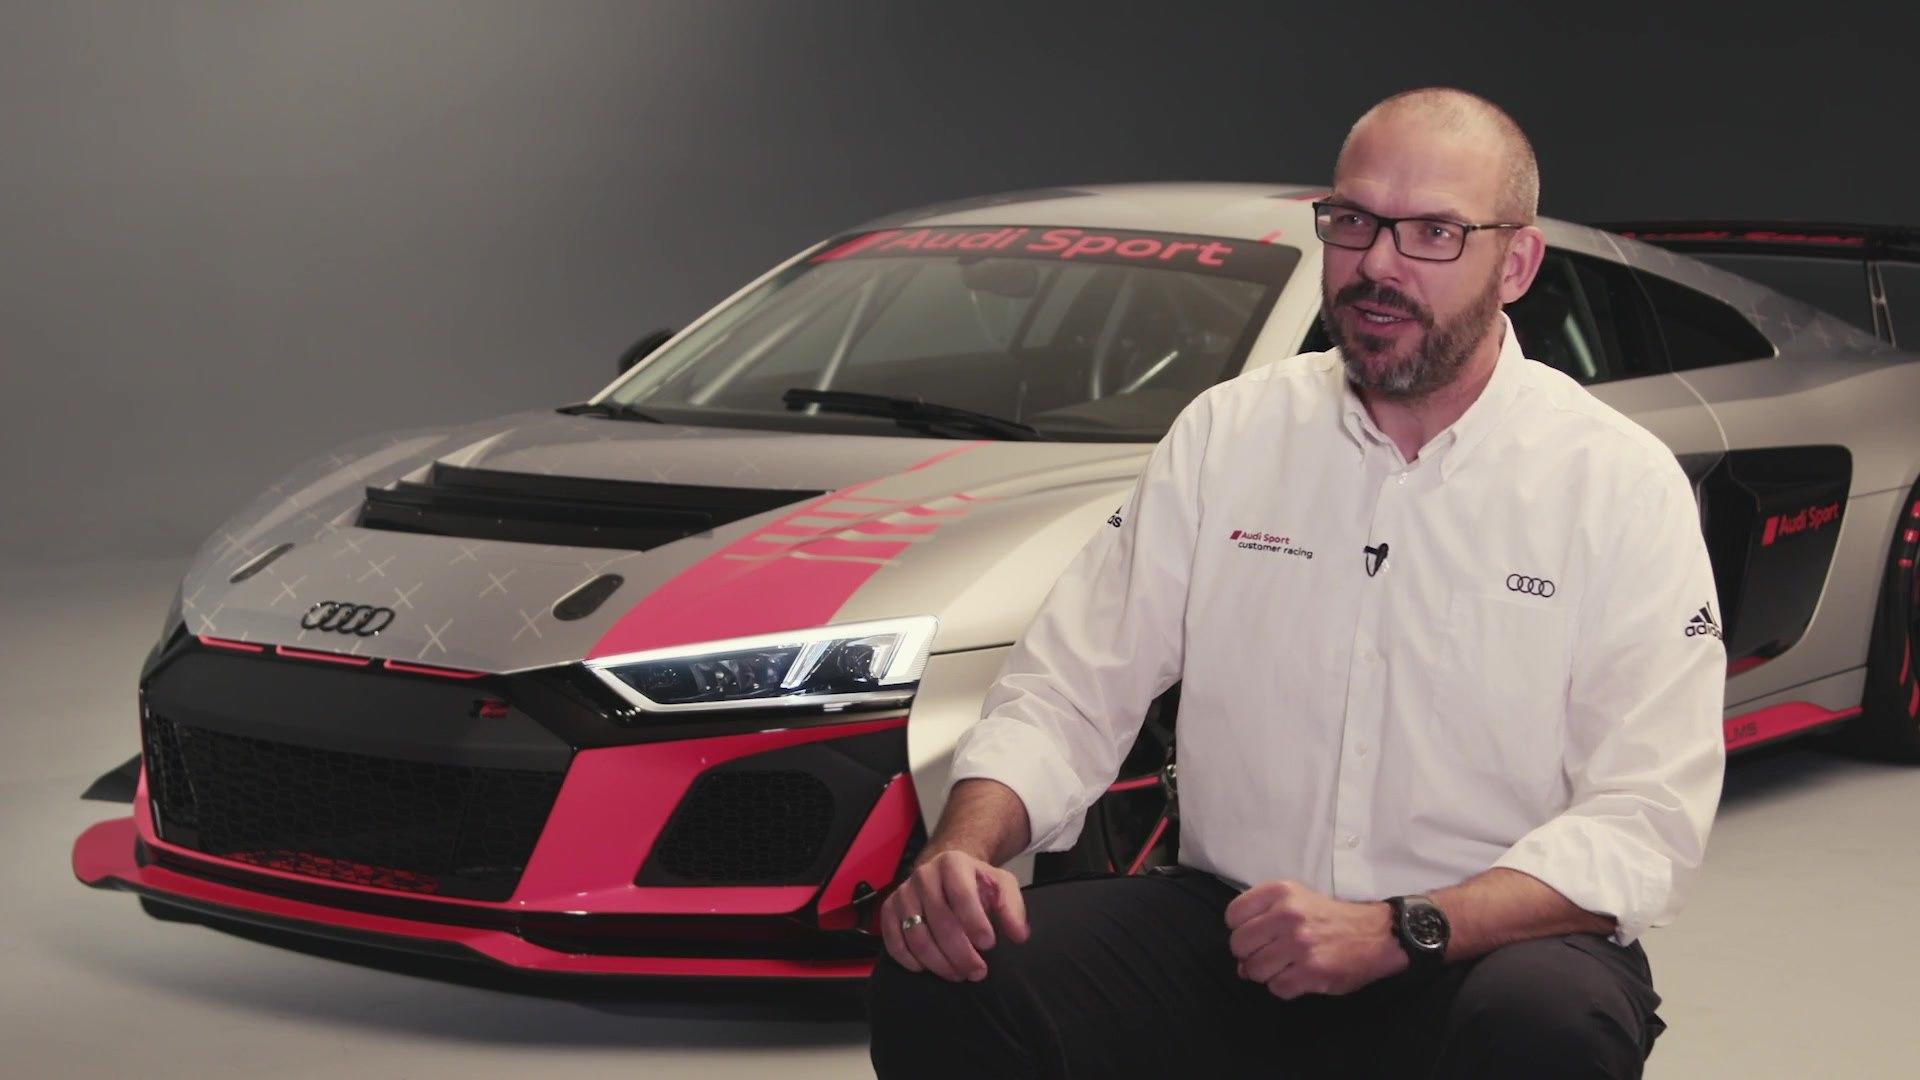 2020 Audi R8 LMS GT4 - Interviews mit Chris Reinke, Leiter von Audi Sport customer racing